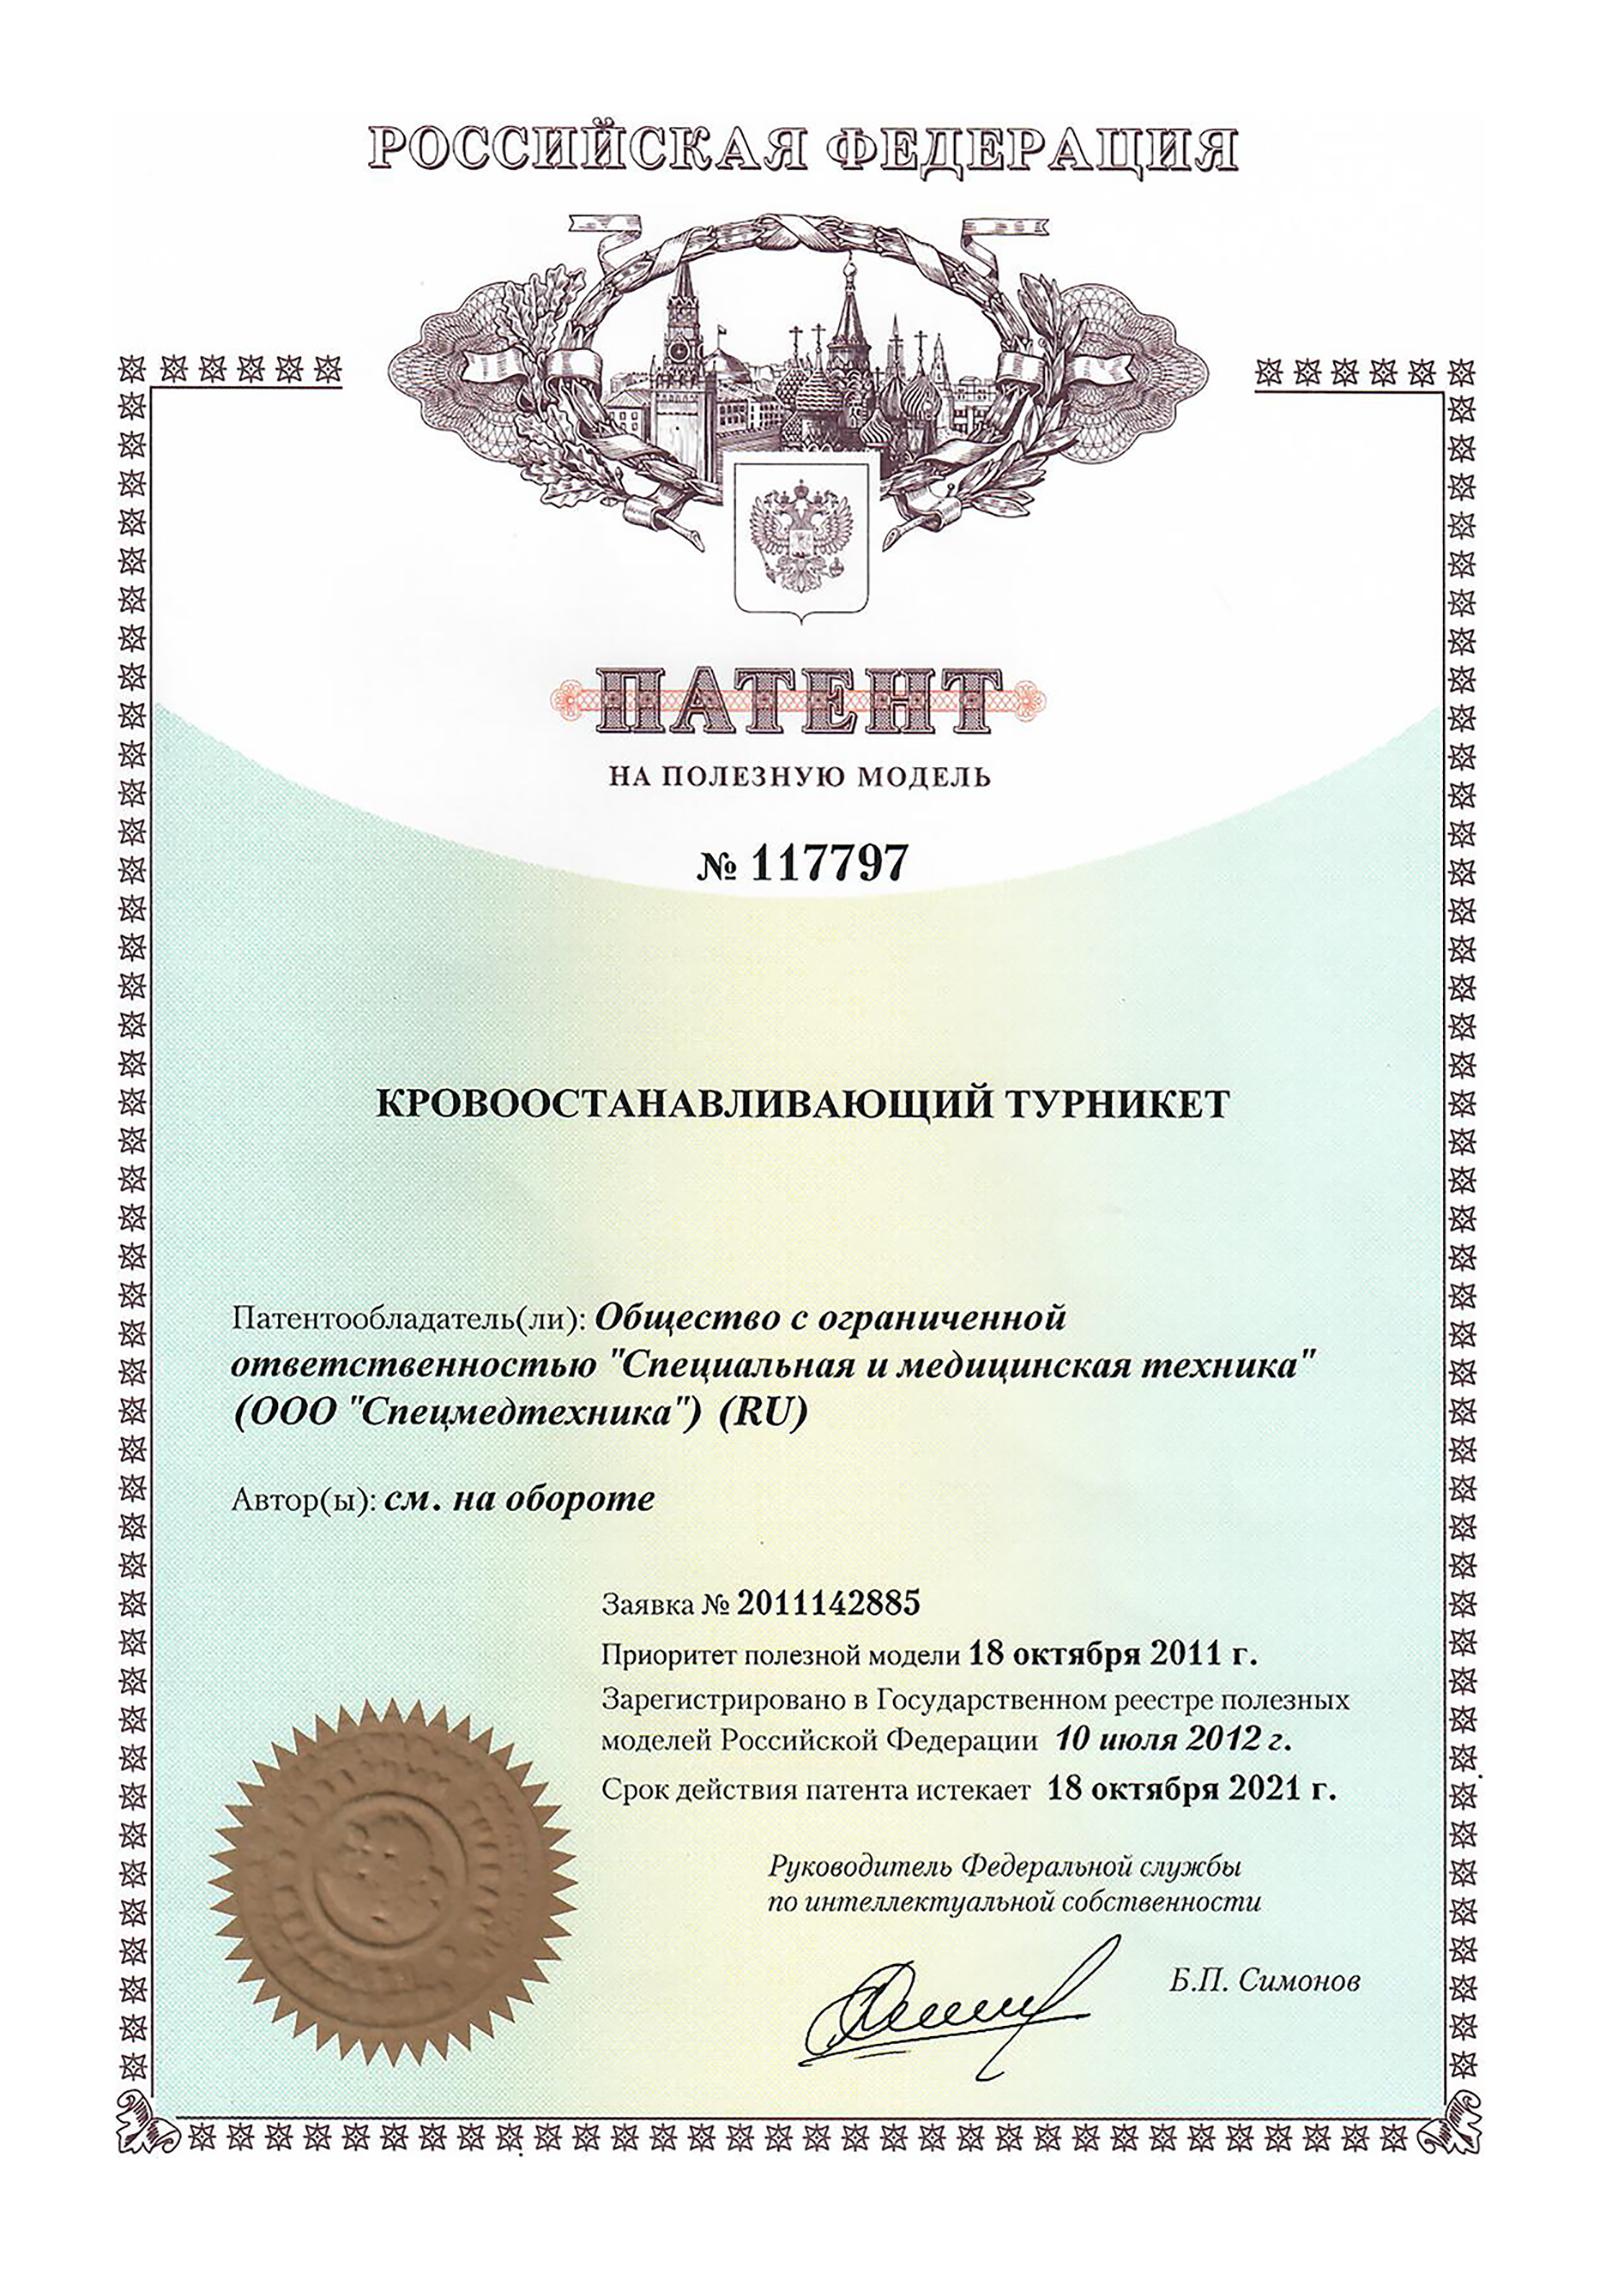 Патент на полезную модель 117797 Кровоостанавливающий турникет